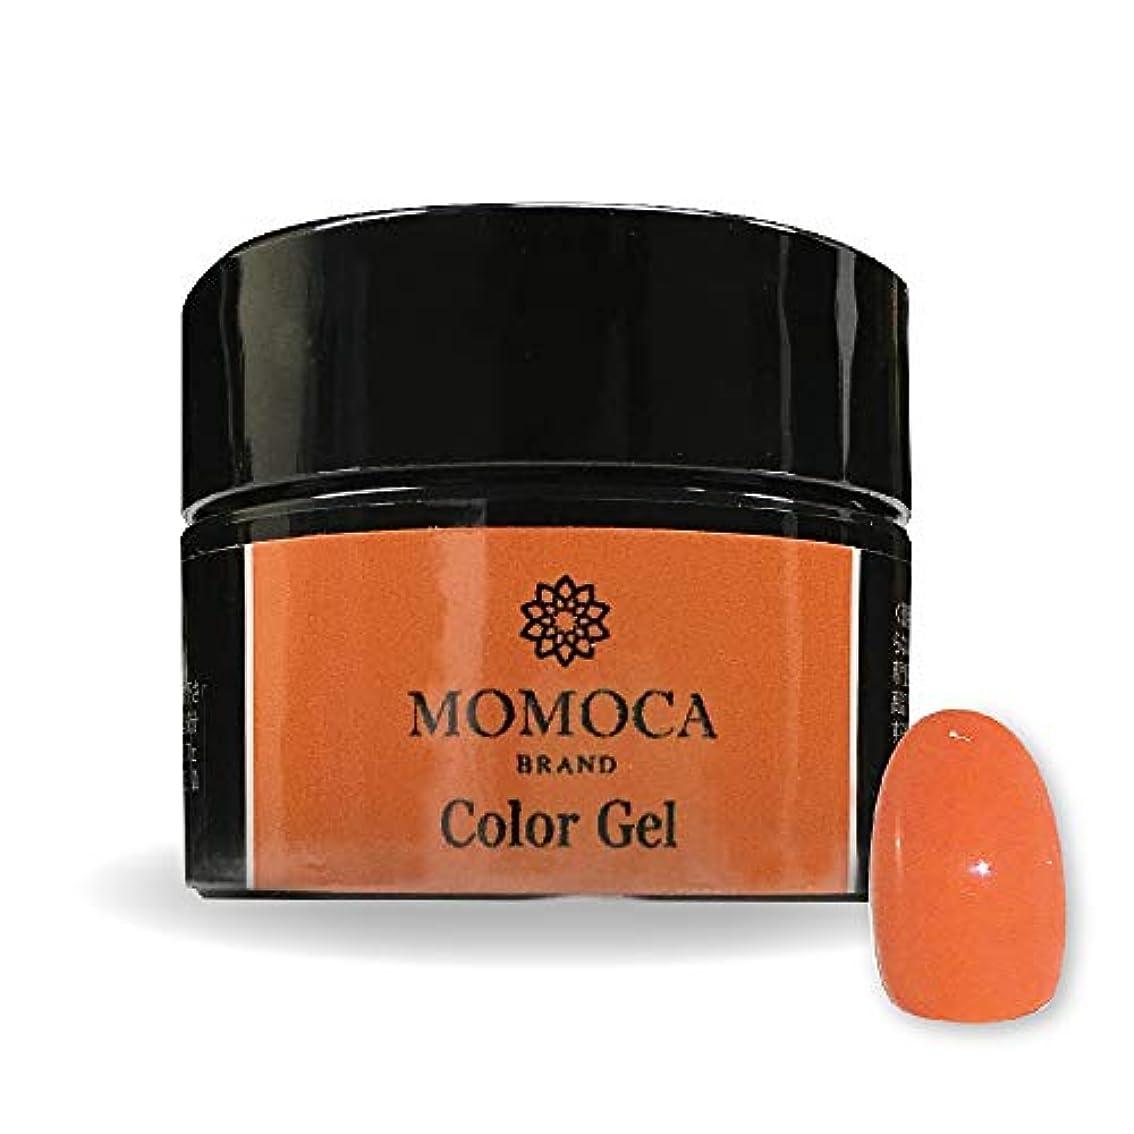 ベーカリー染色広がりMOMOCA モモカ ジェルネイル サロン品質 高発色 長持ち プロ仕様 ネイルサロン ネイリスト (512M Terracotta テラコッタ)